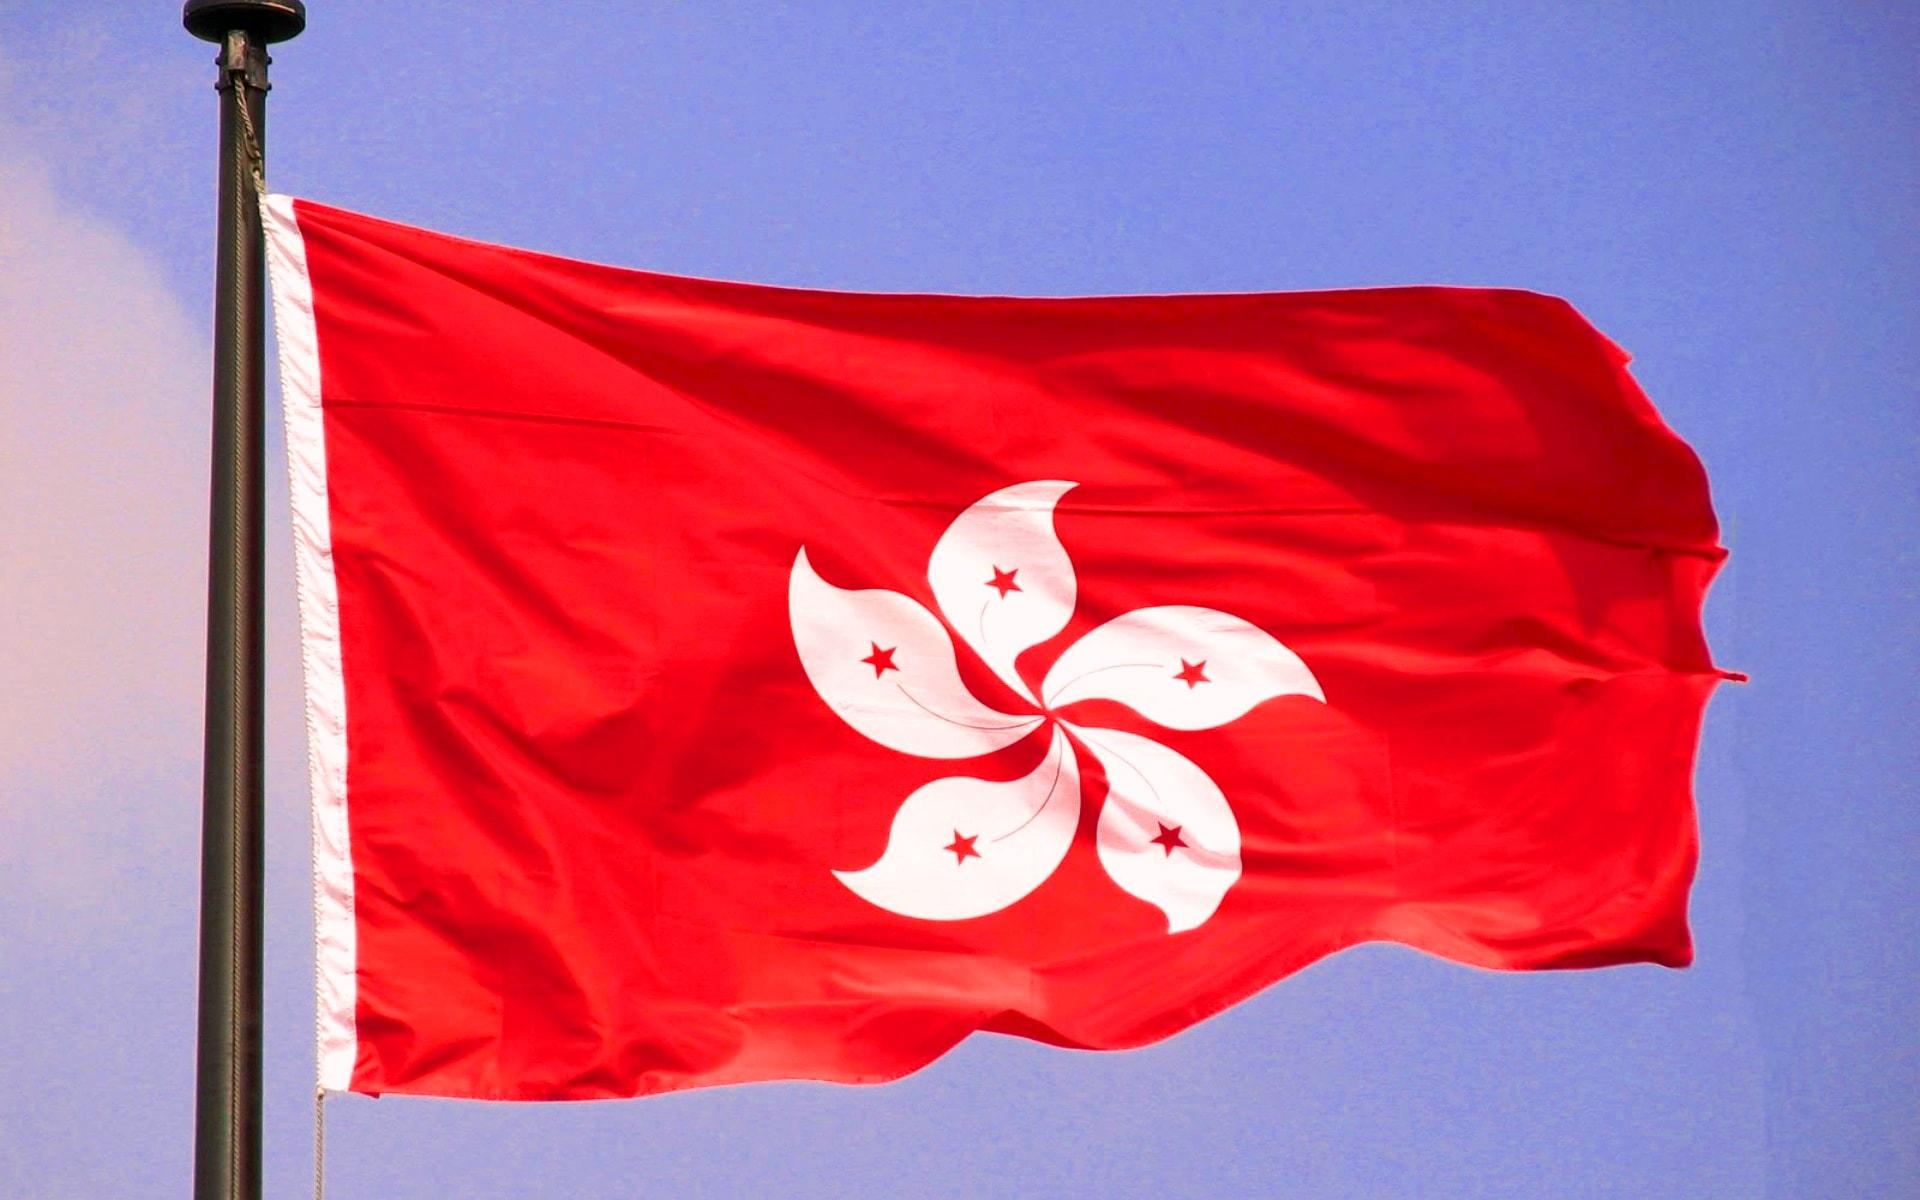 В Гонконге вводятся новые правила налогообложения на научные разработки